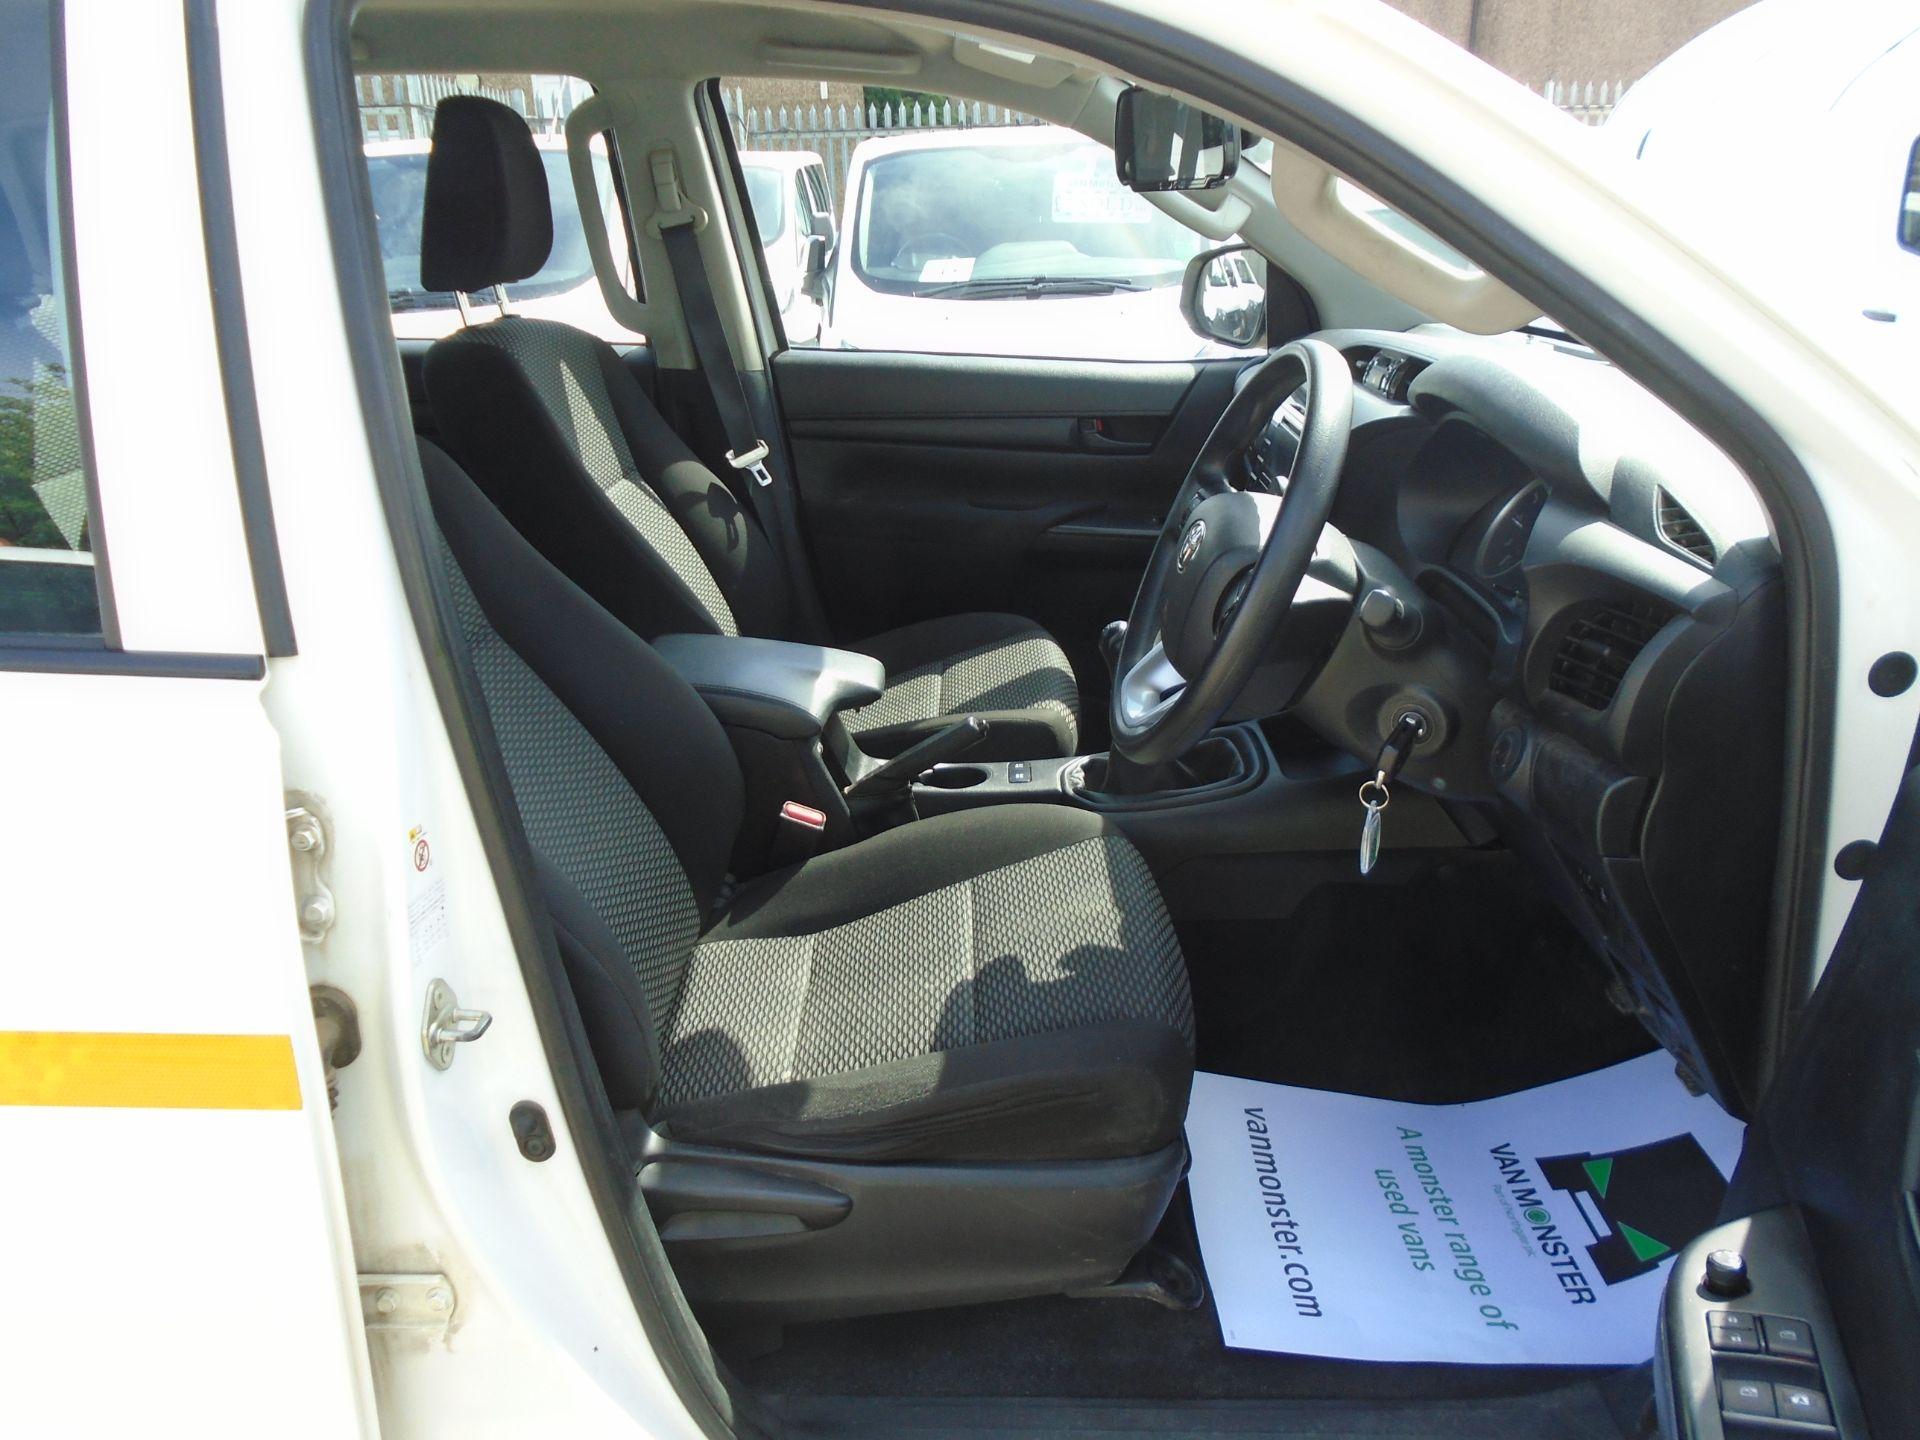 2017 Toyota Hilux Active D/Cab Pick Up 2.5 D-4D 4Wd 144 (NX67PGE) Image 19